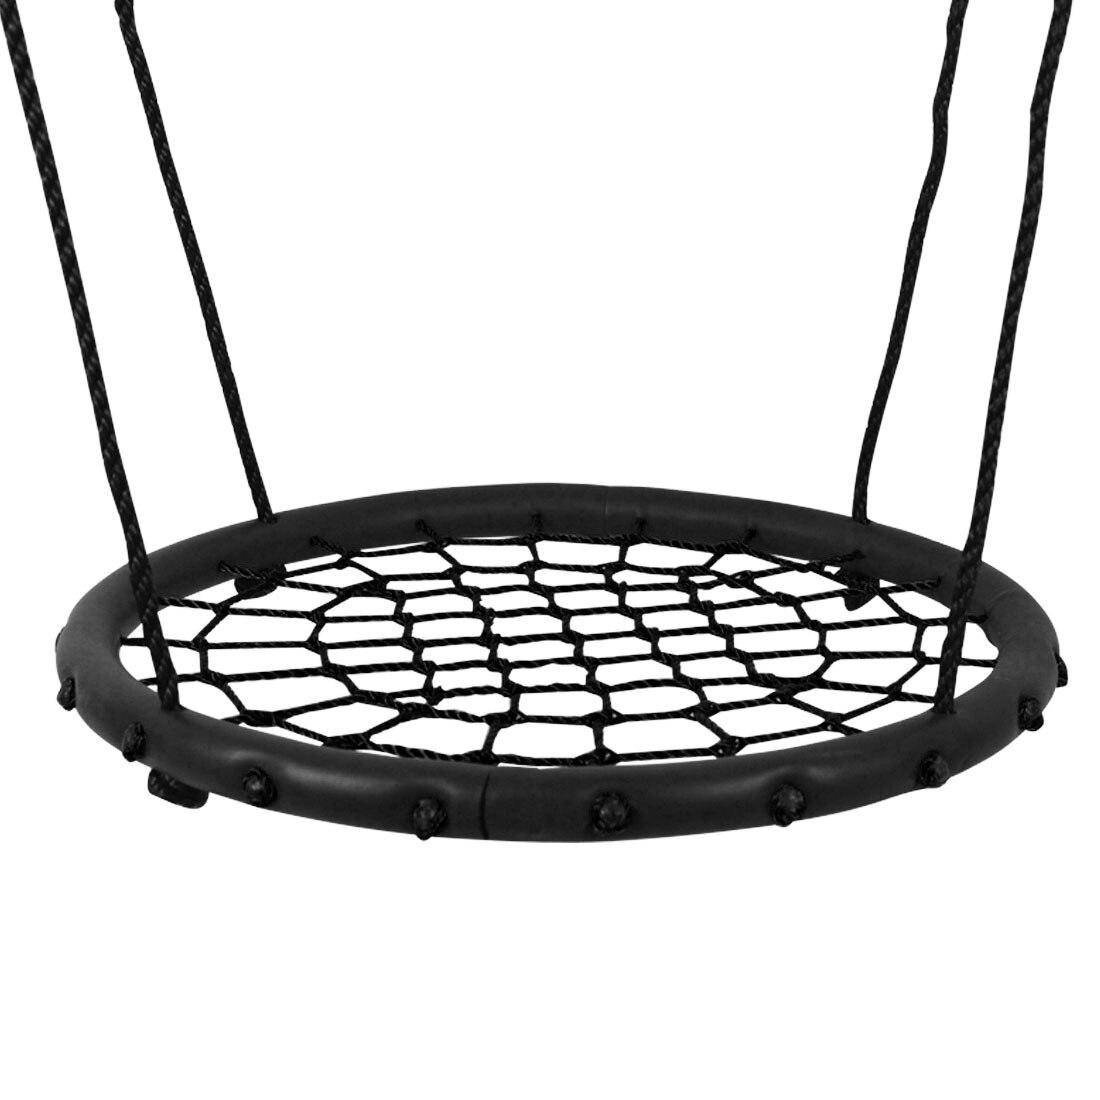 Enfants nid rond balançoire intérieur et extérieur cintre enfants Net corde Stout balançoire bébé jouets portant 200Kg diamètre 60 cm - 2